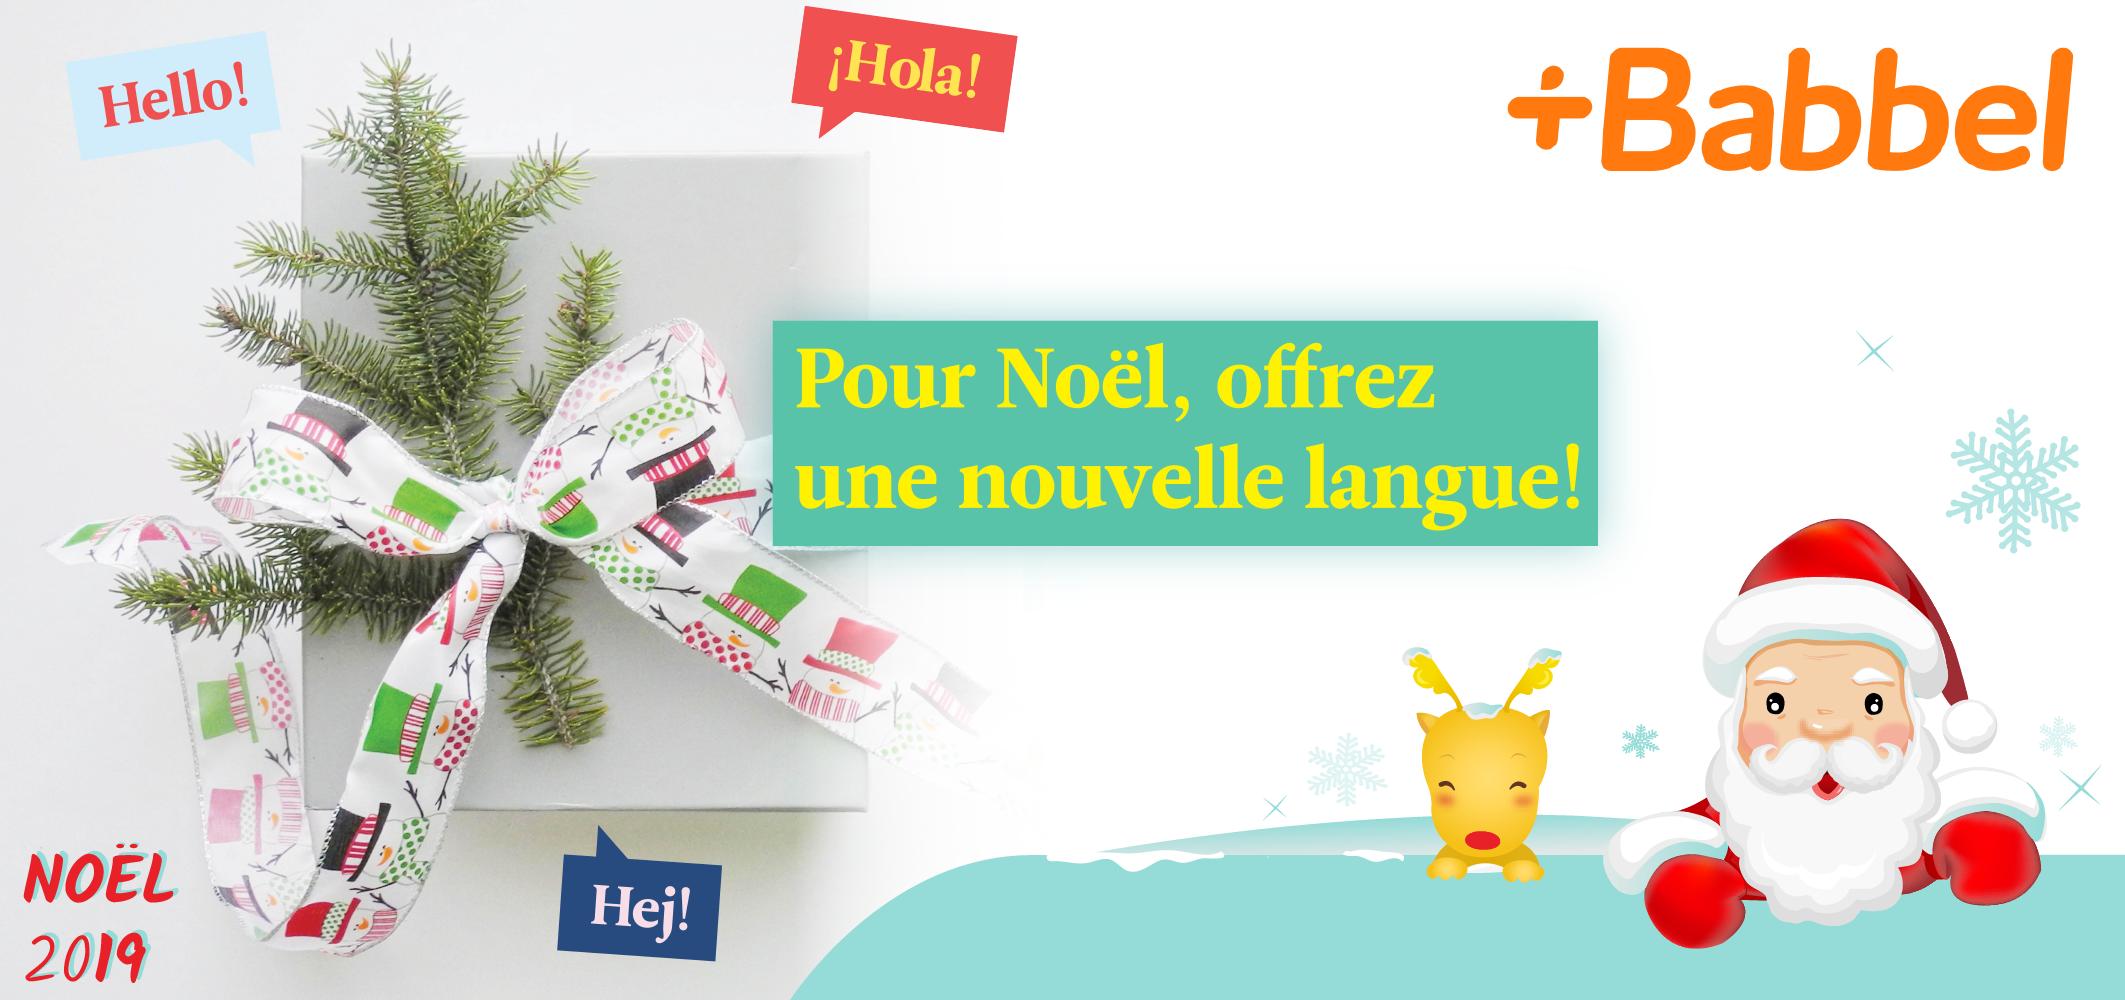 Gagnez un accès à l'app Babbel pendant 12 mois pour apprendre une nouvelle langue